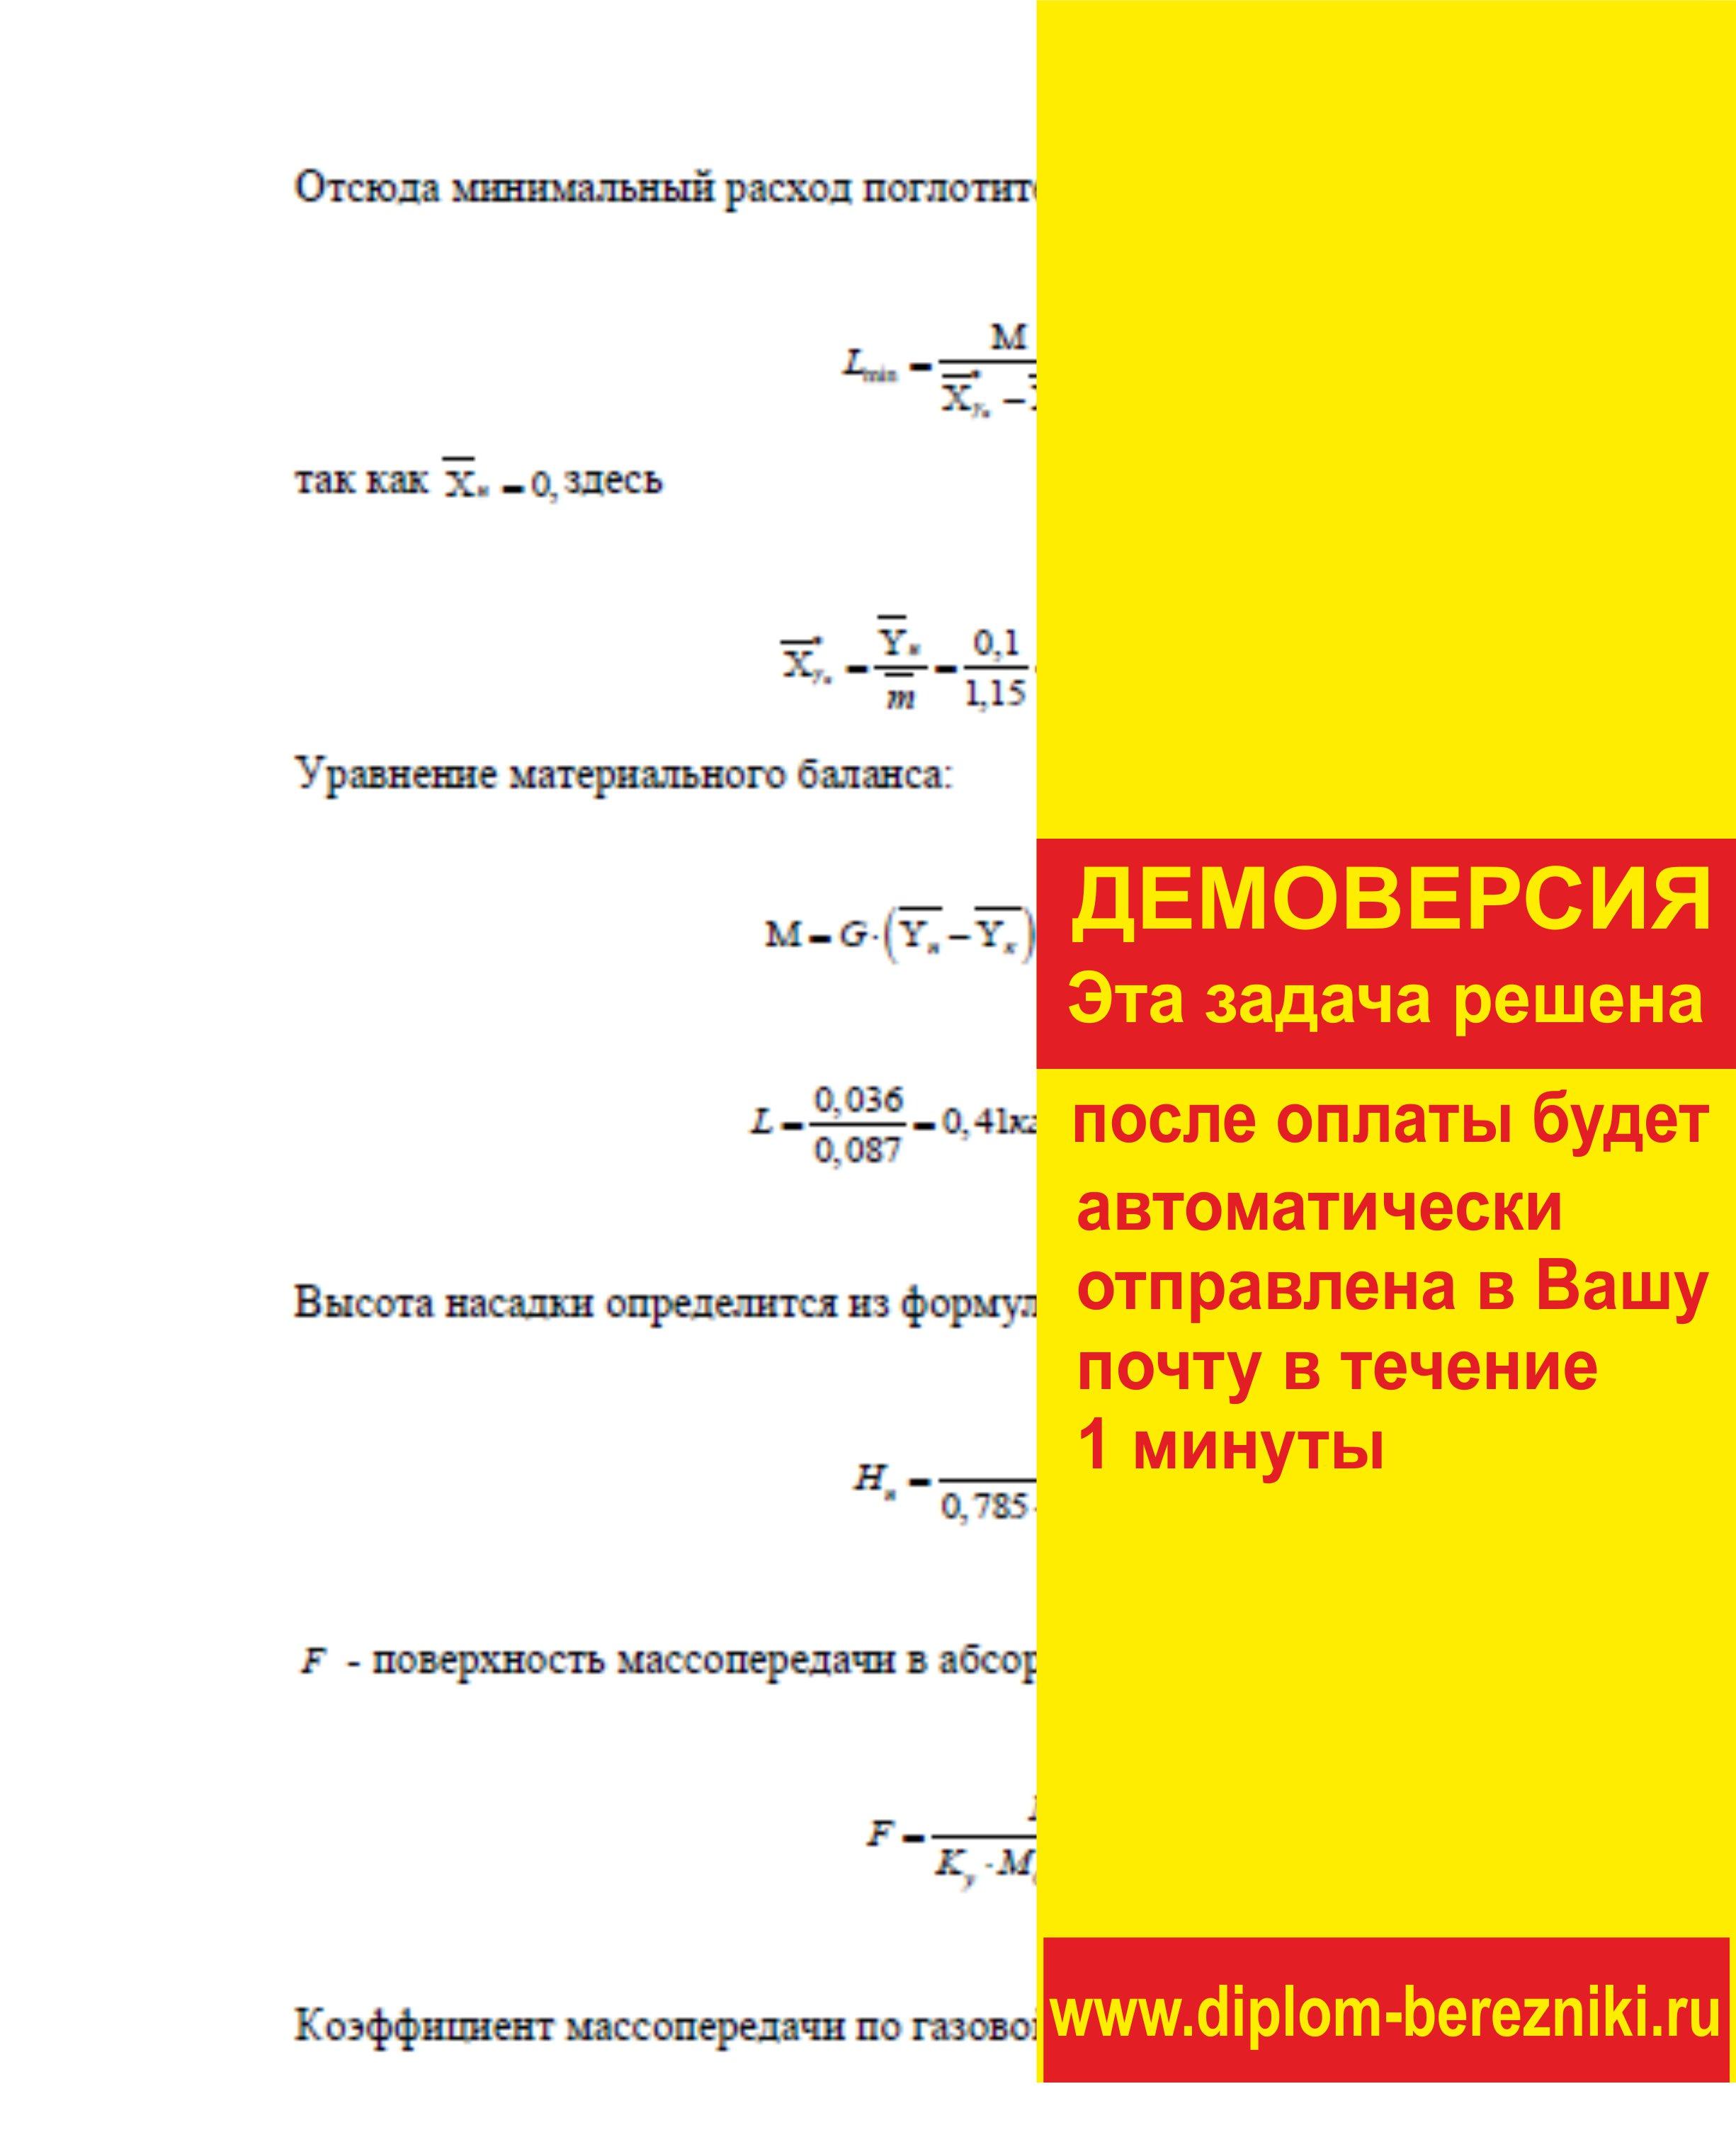 Решение задачи 6.14 по ПАХТ из задачника Павлова Романкова Носкова